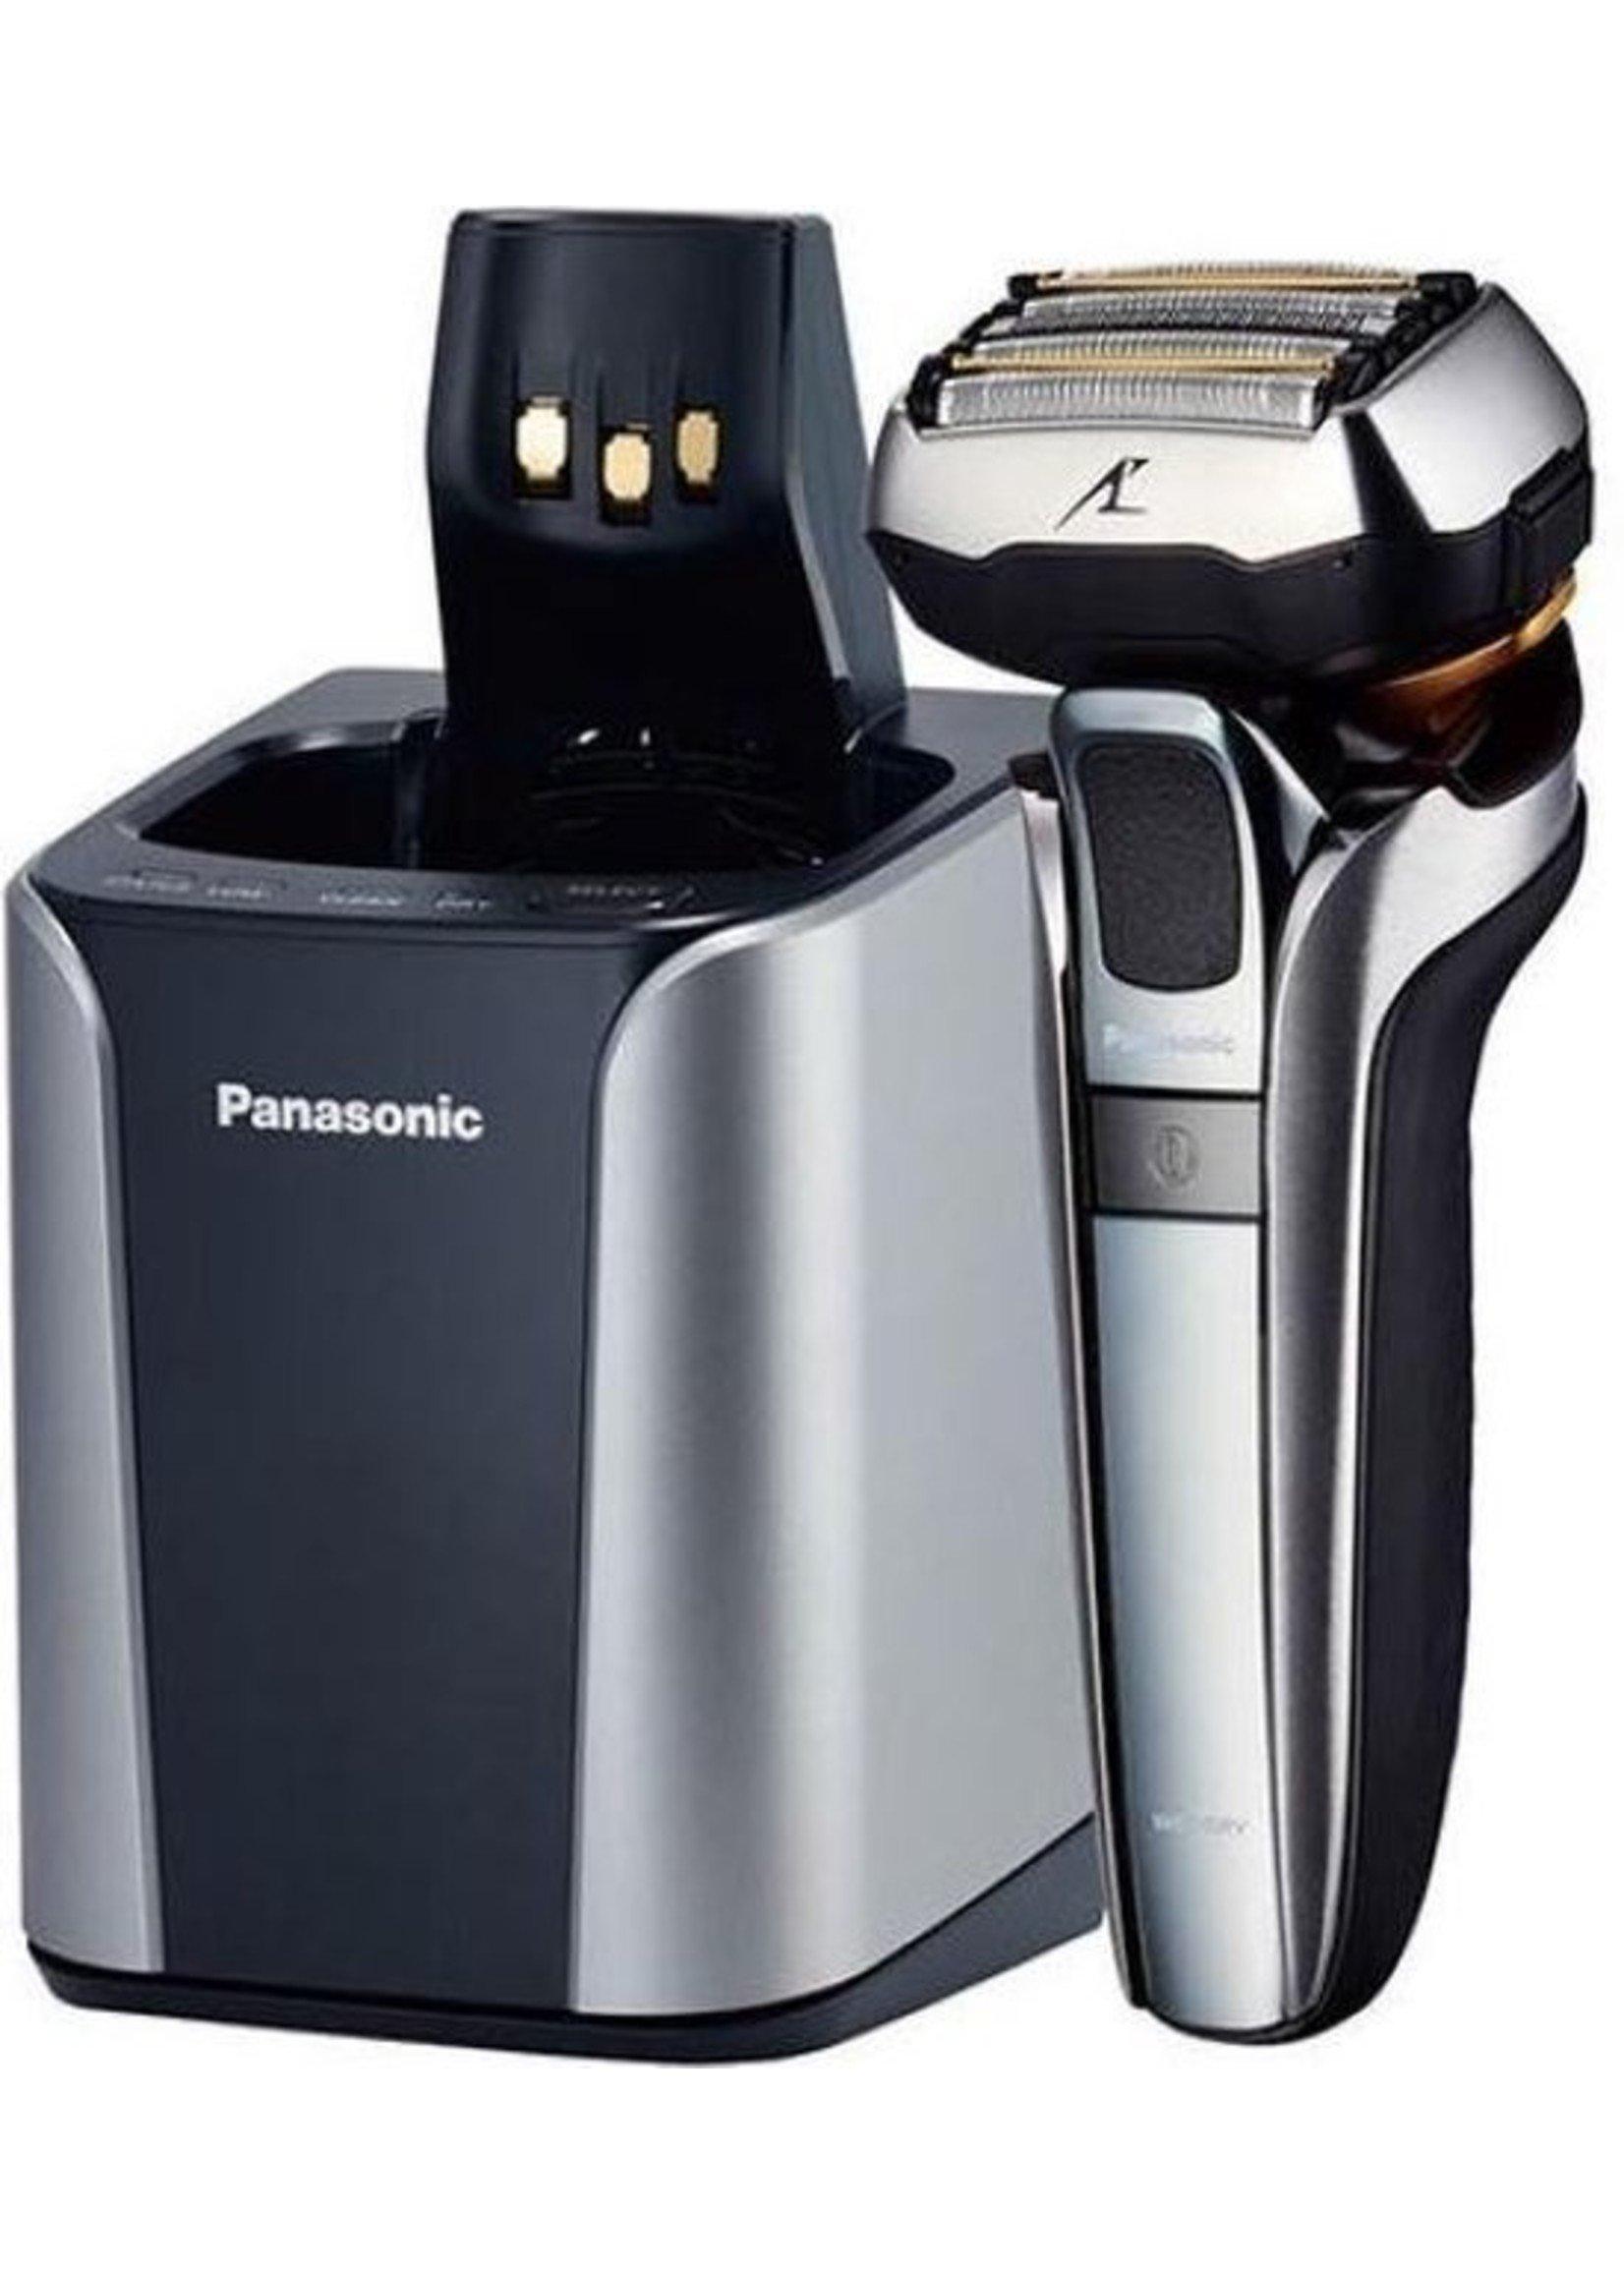 Panasonic Panasonic ES-LV9Q-S803 scheerapparaat Scheerapparaat met scheerblad Zwart, Zilver